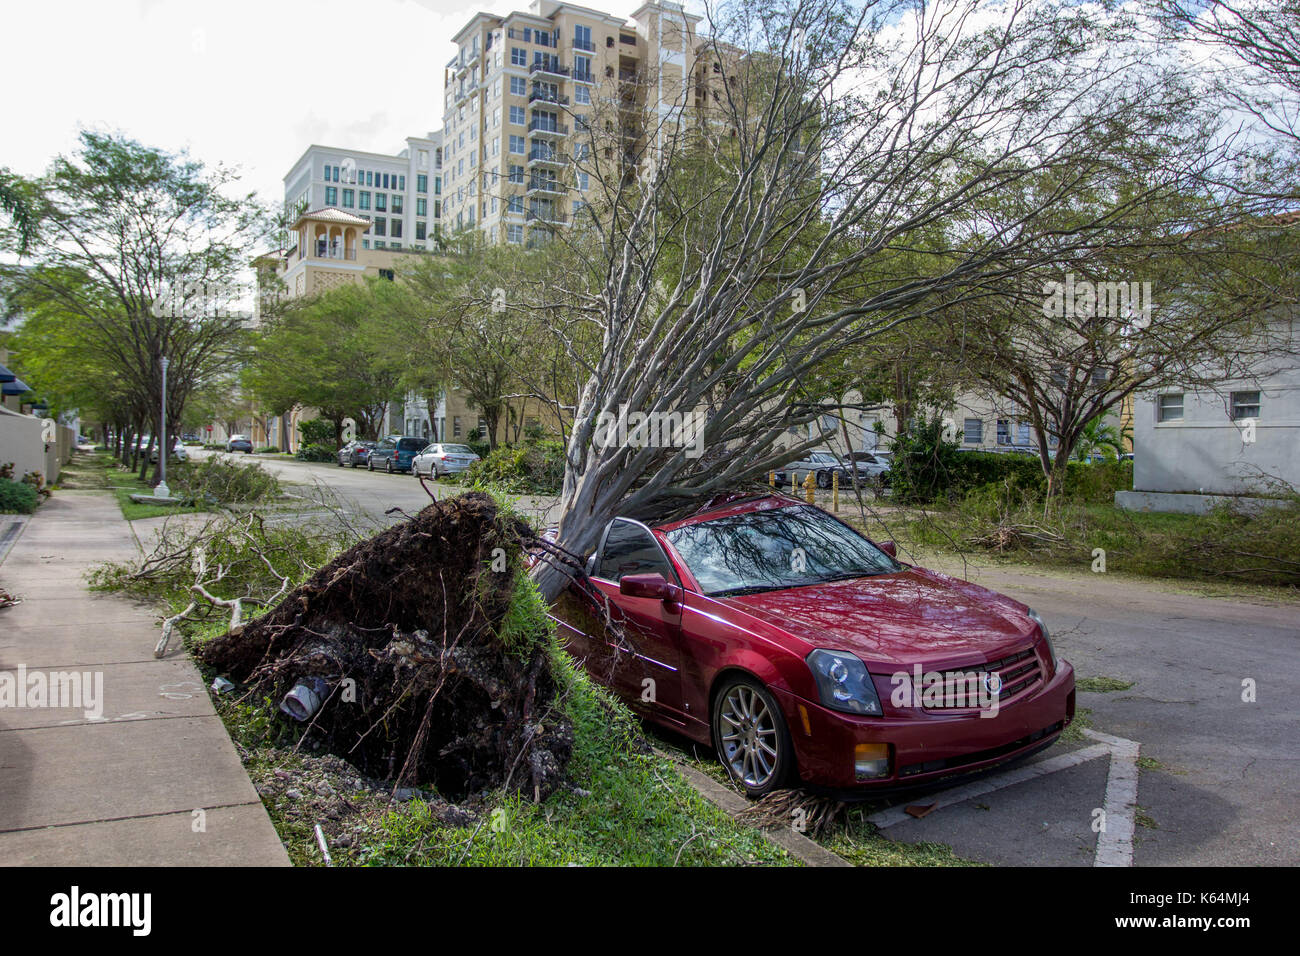 Miami, Floride, USA. Sep 11, 2017. Une voiture est écrasé sous un arbre déraciné après l'ouragan irma à Miami, FL, le lundi 11 septembre 2017. crédit: michael candelori/Alamy live news Photo Stock